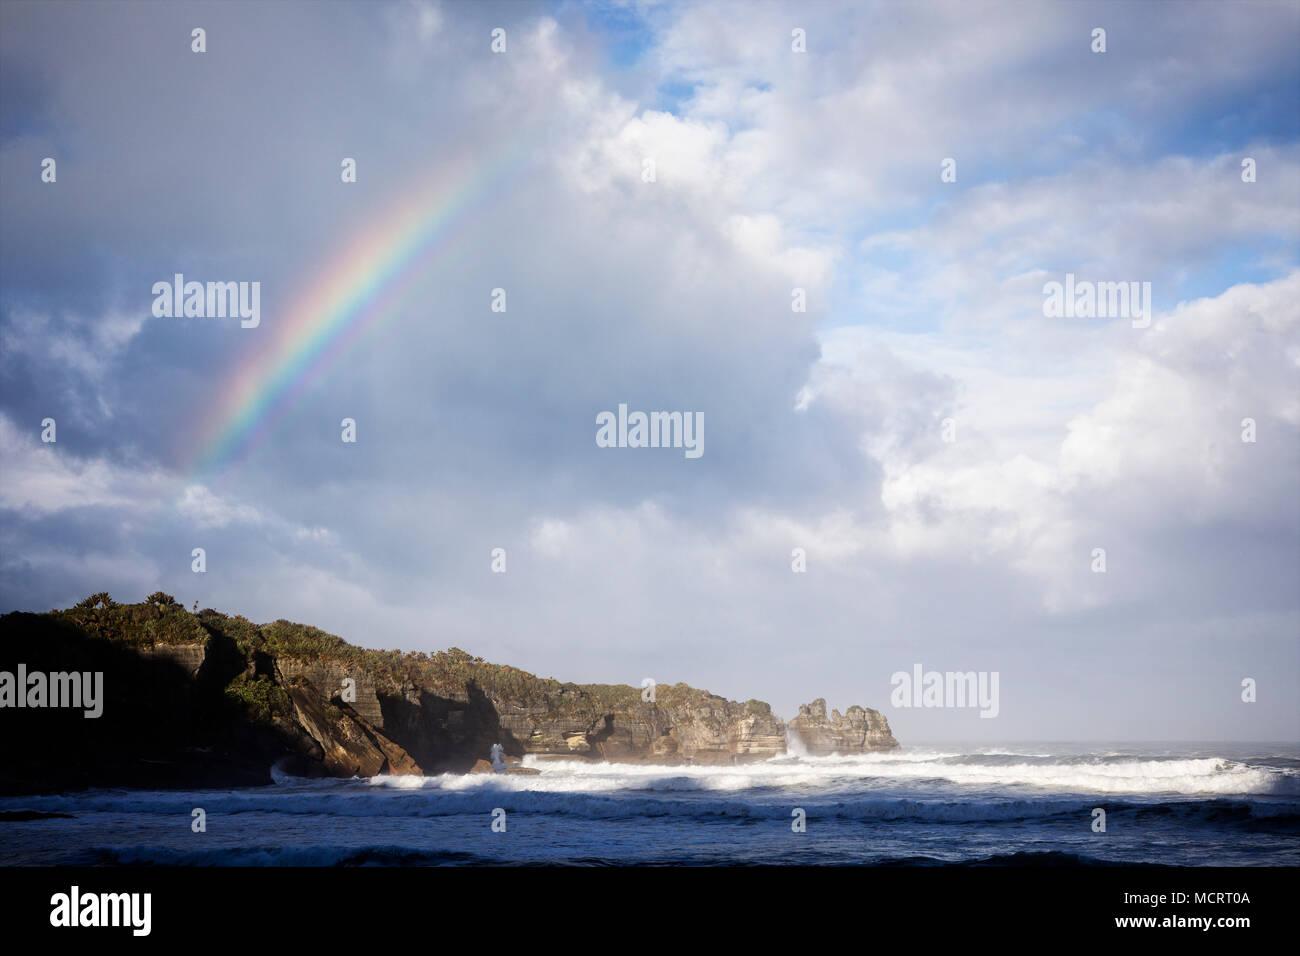 Un arcobaleno mostra su Dolomite Punto di Punakaiki lungo la costa Occidentale Regione del South Island, in Nuova Zelanda. Immagini Stock